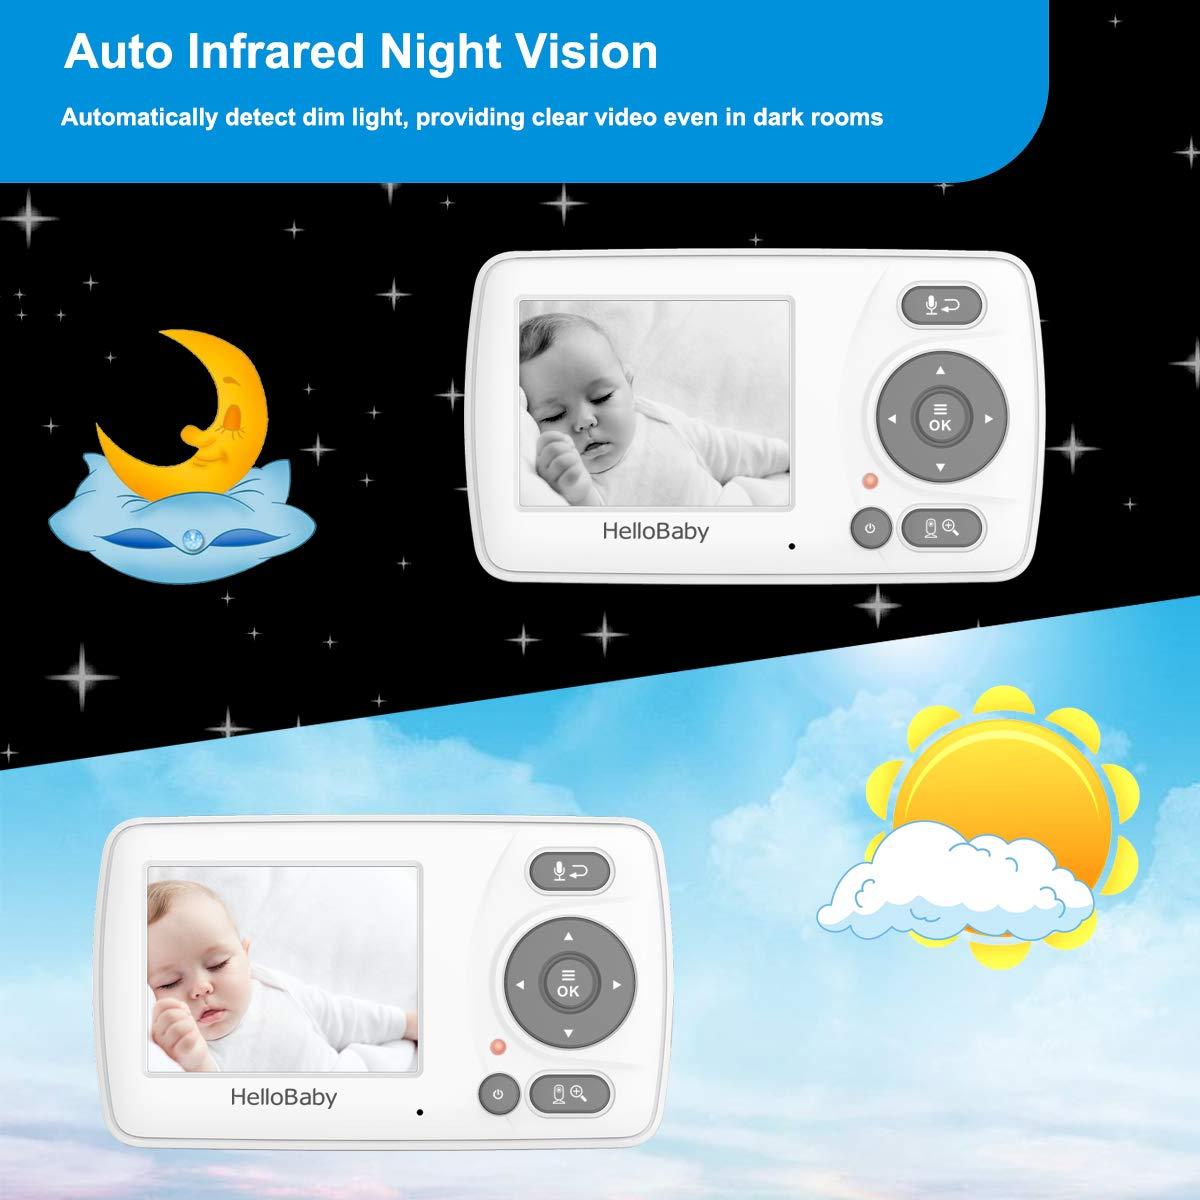 bidirektionalem Talk-Back Bildschirm Temperaturerkennung Schlafliedern Gro/ßer Reichweite Privatem Datenschutz und Hochleistungsbatterie HelloBaby HB30 Video Babyphone mit Infrarot Nachtsichtkamera